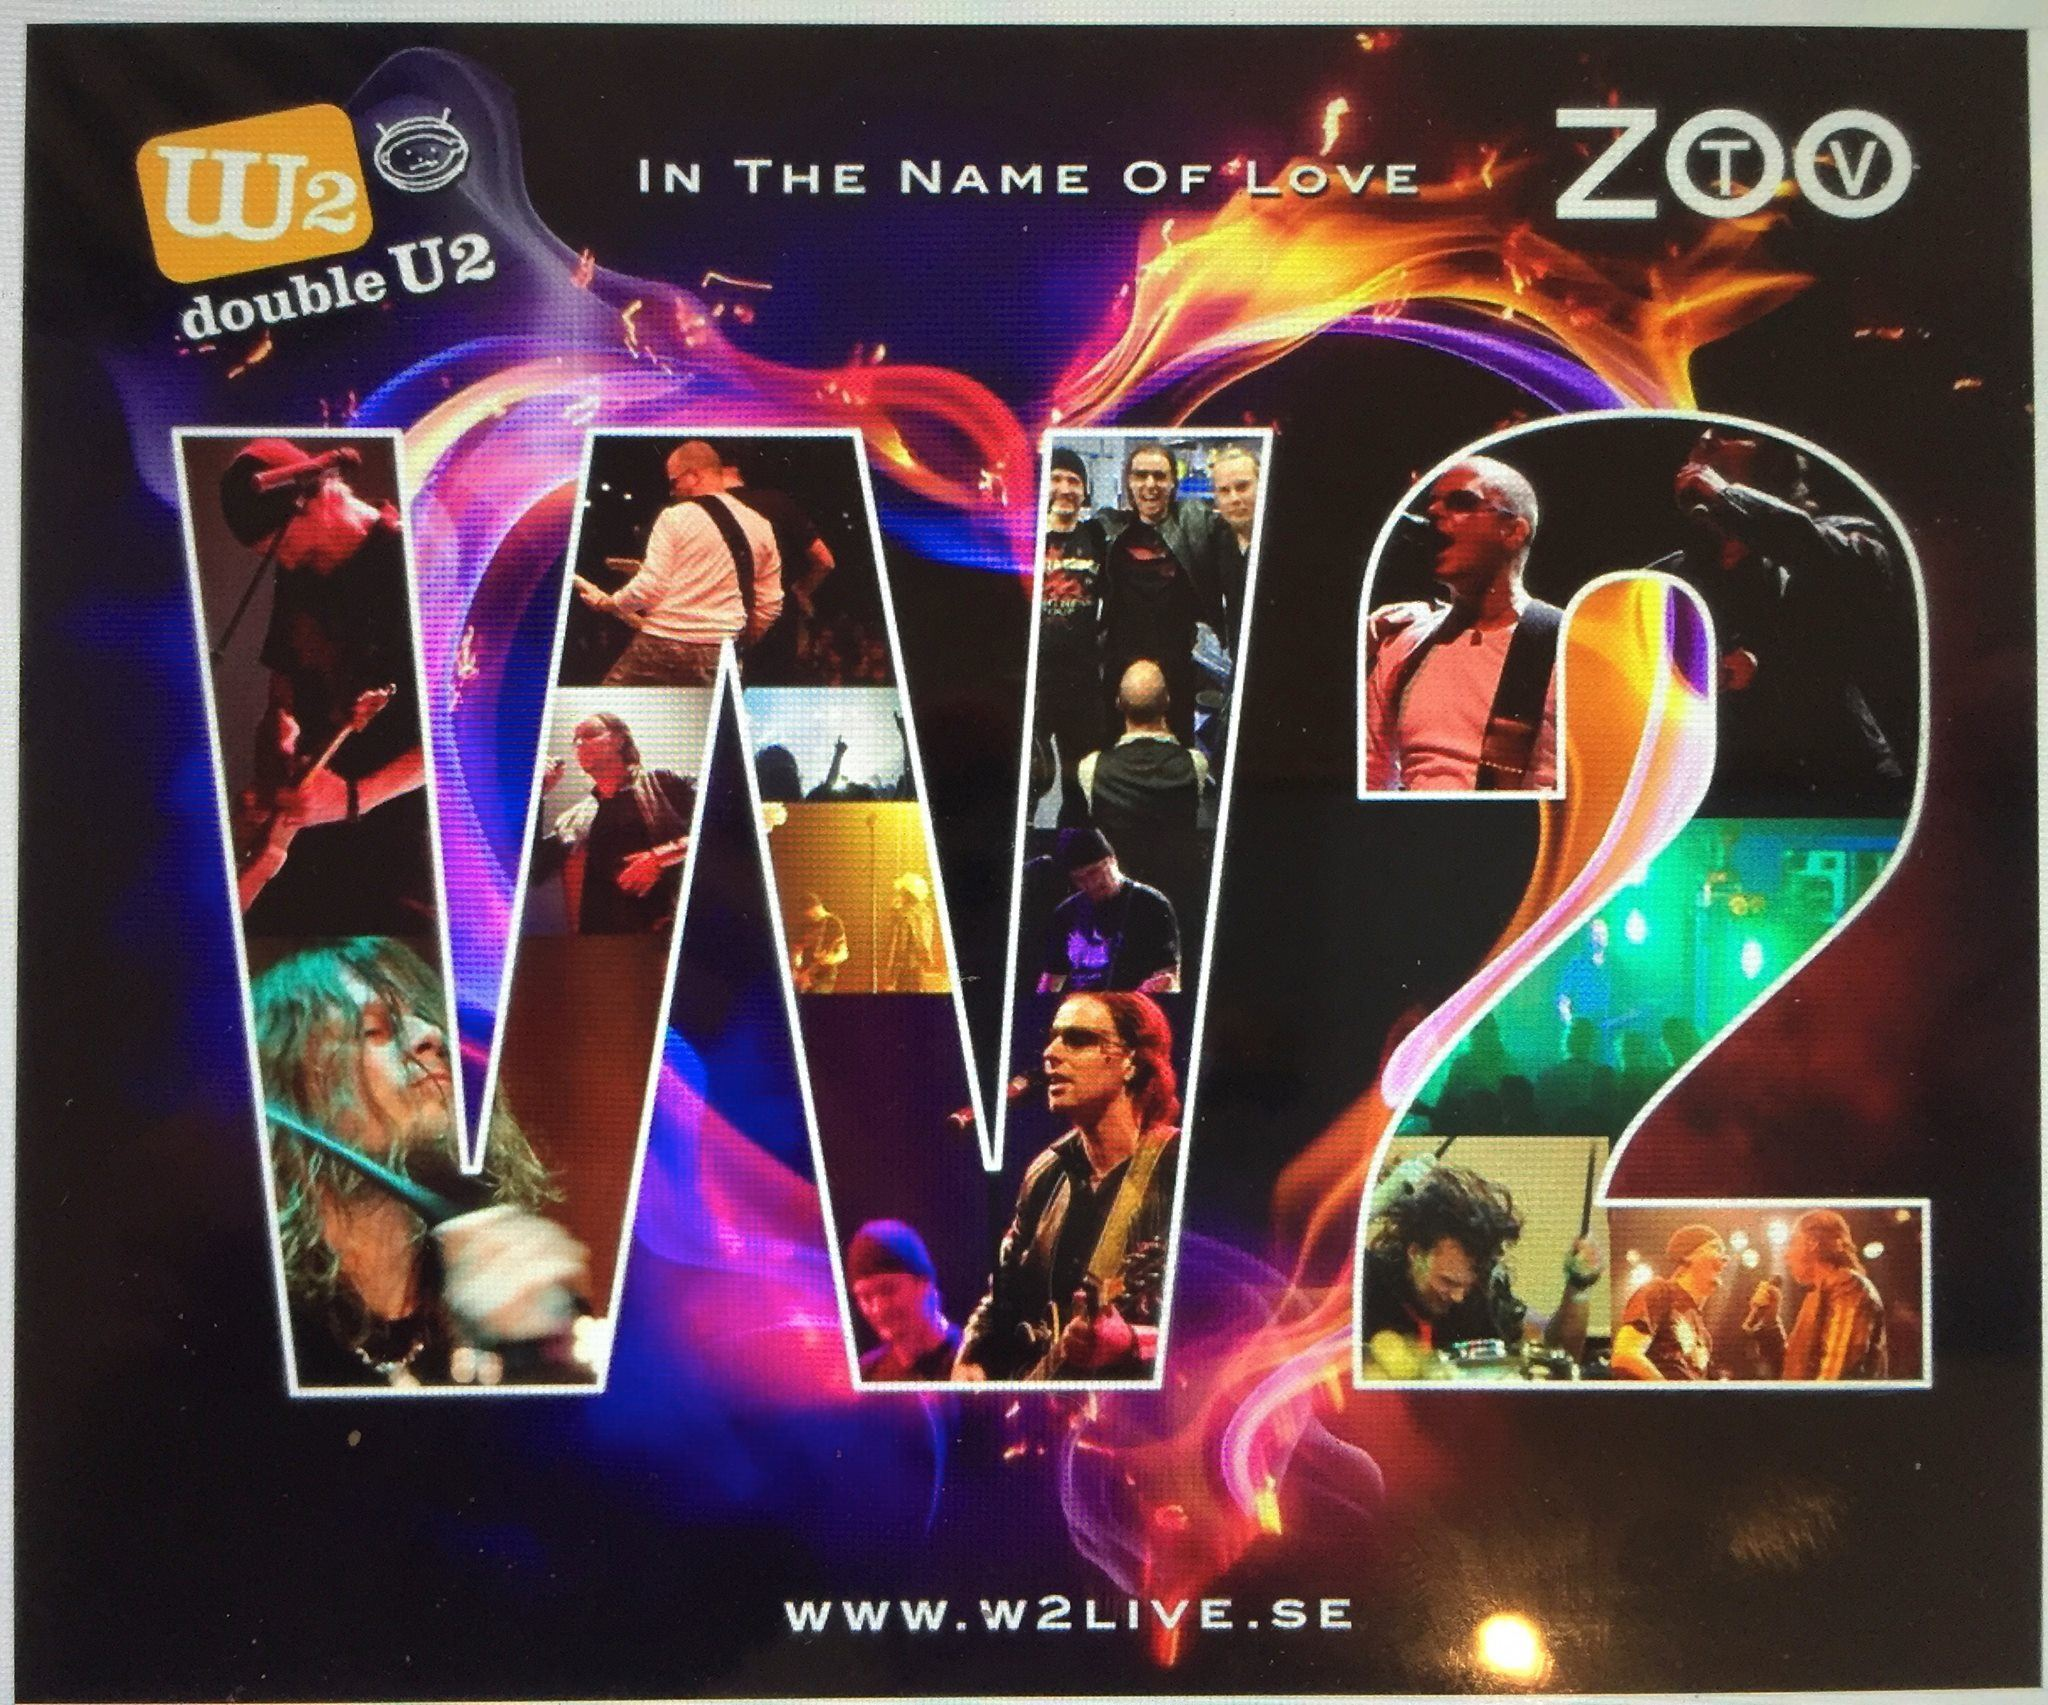 Konsert - U2 Tribute